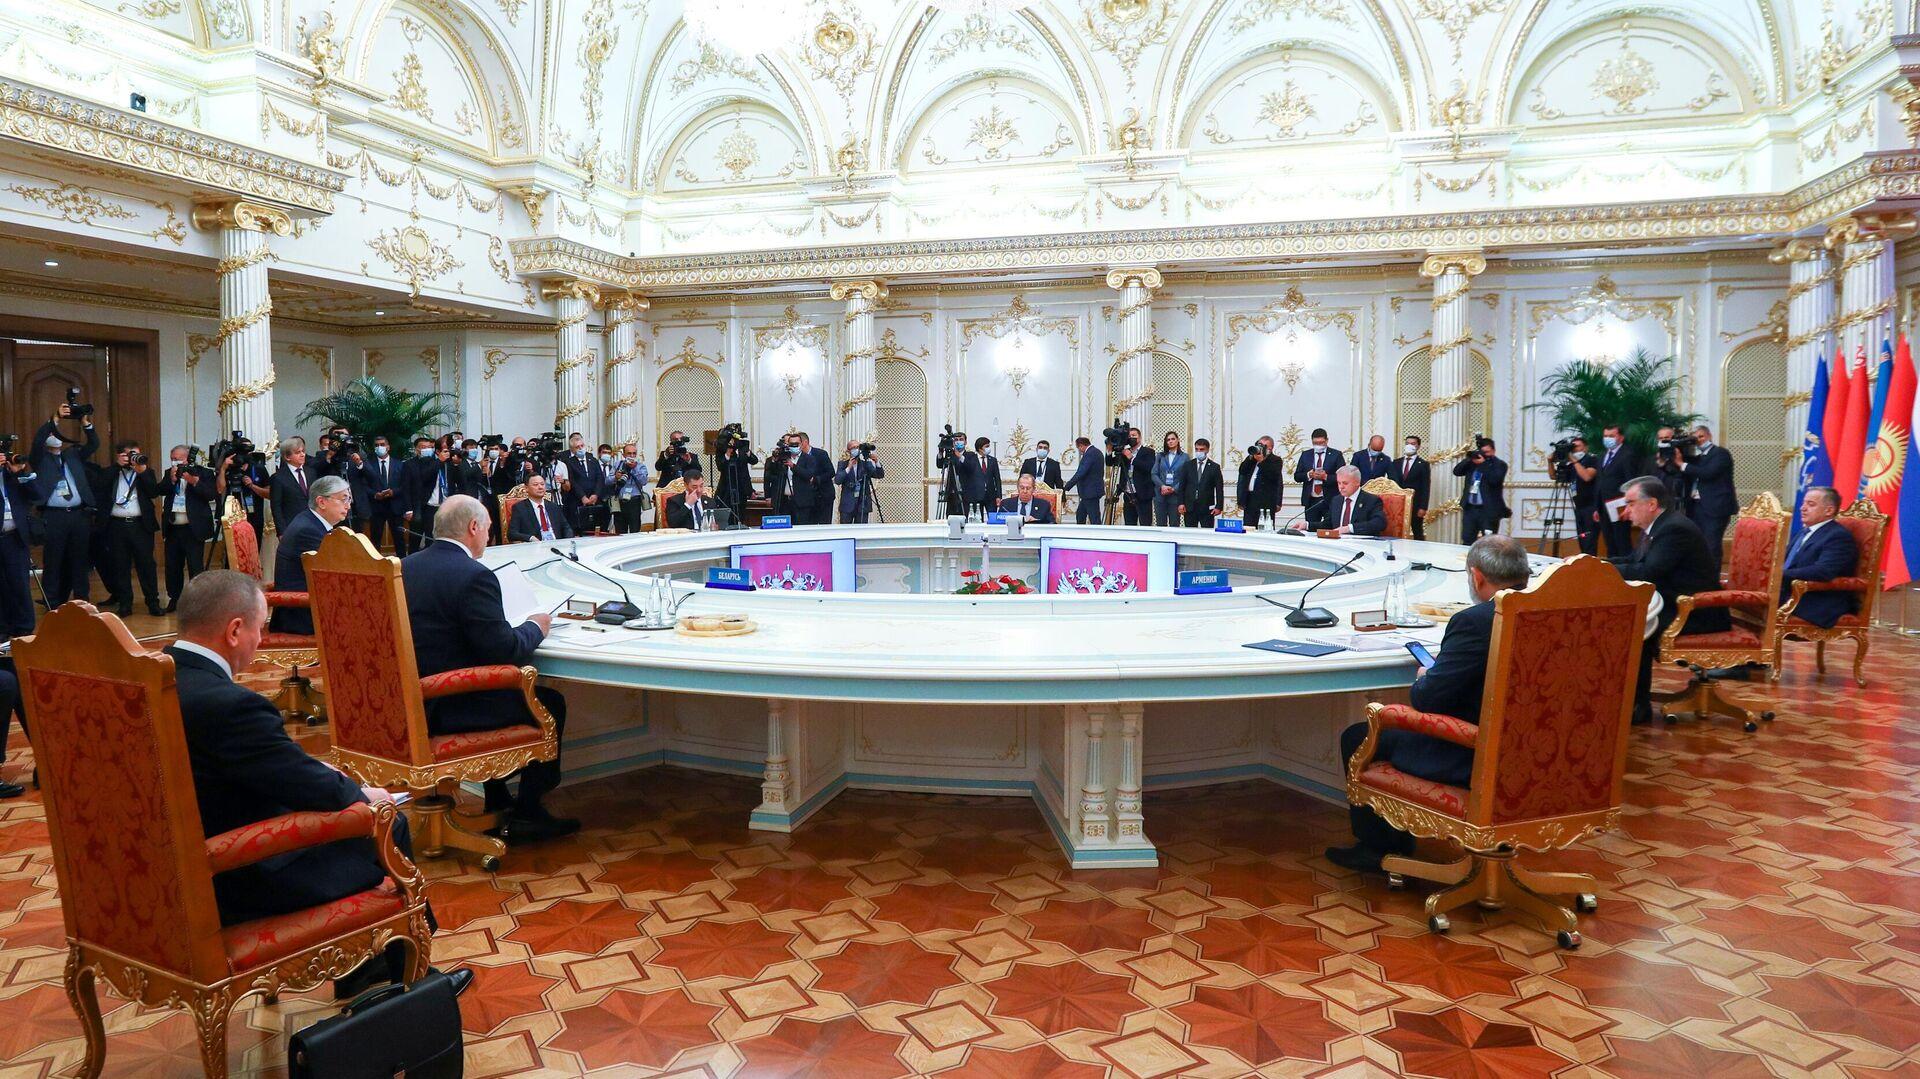 Заседание Совета коллективной безопасности Организации Договора о коллективной безопасности (ОДКБ) - Sputnik Таджикистан, 1920, 16.09.2021